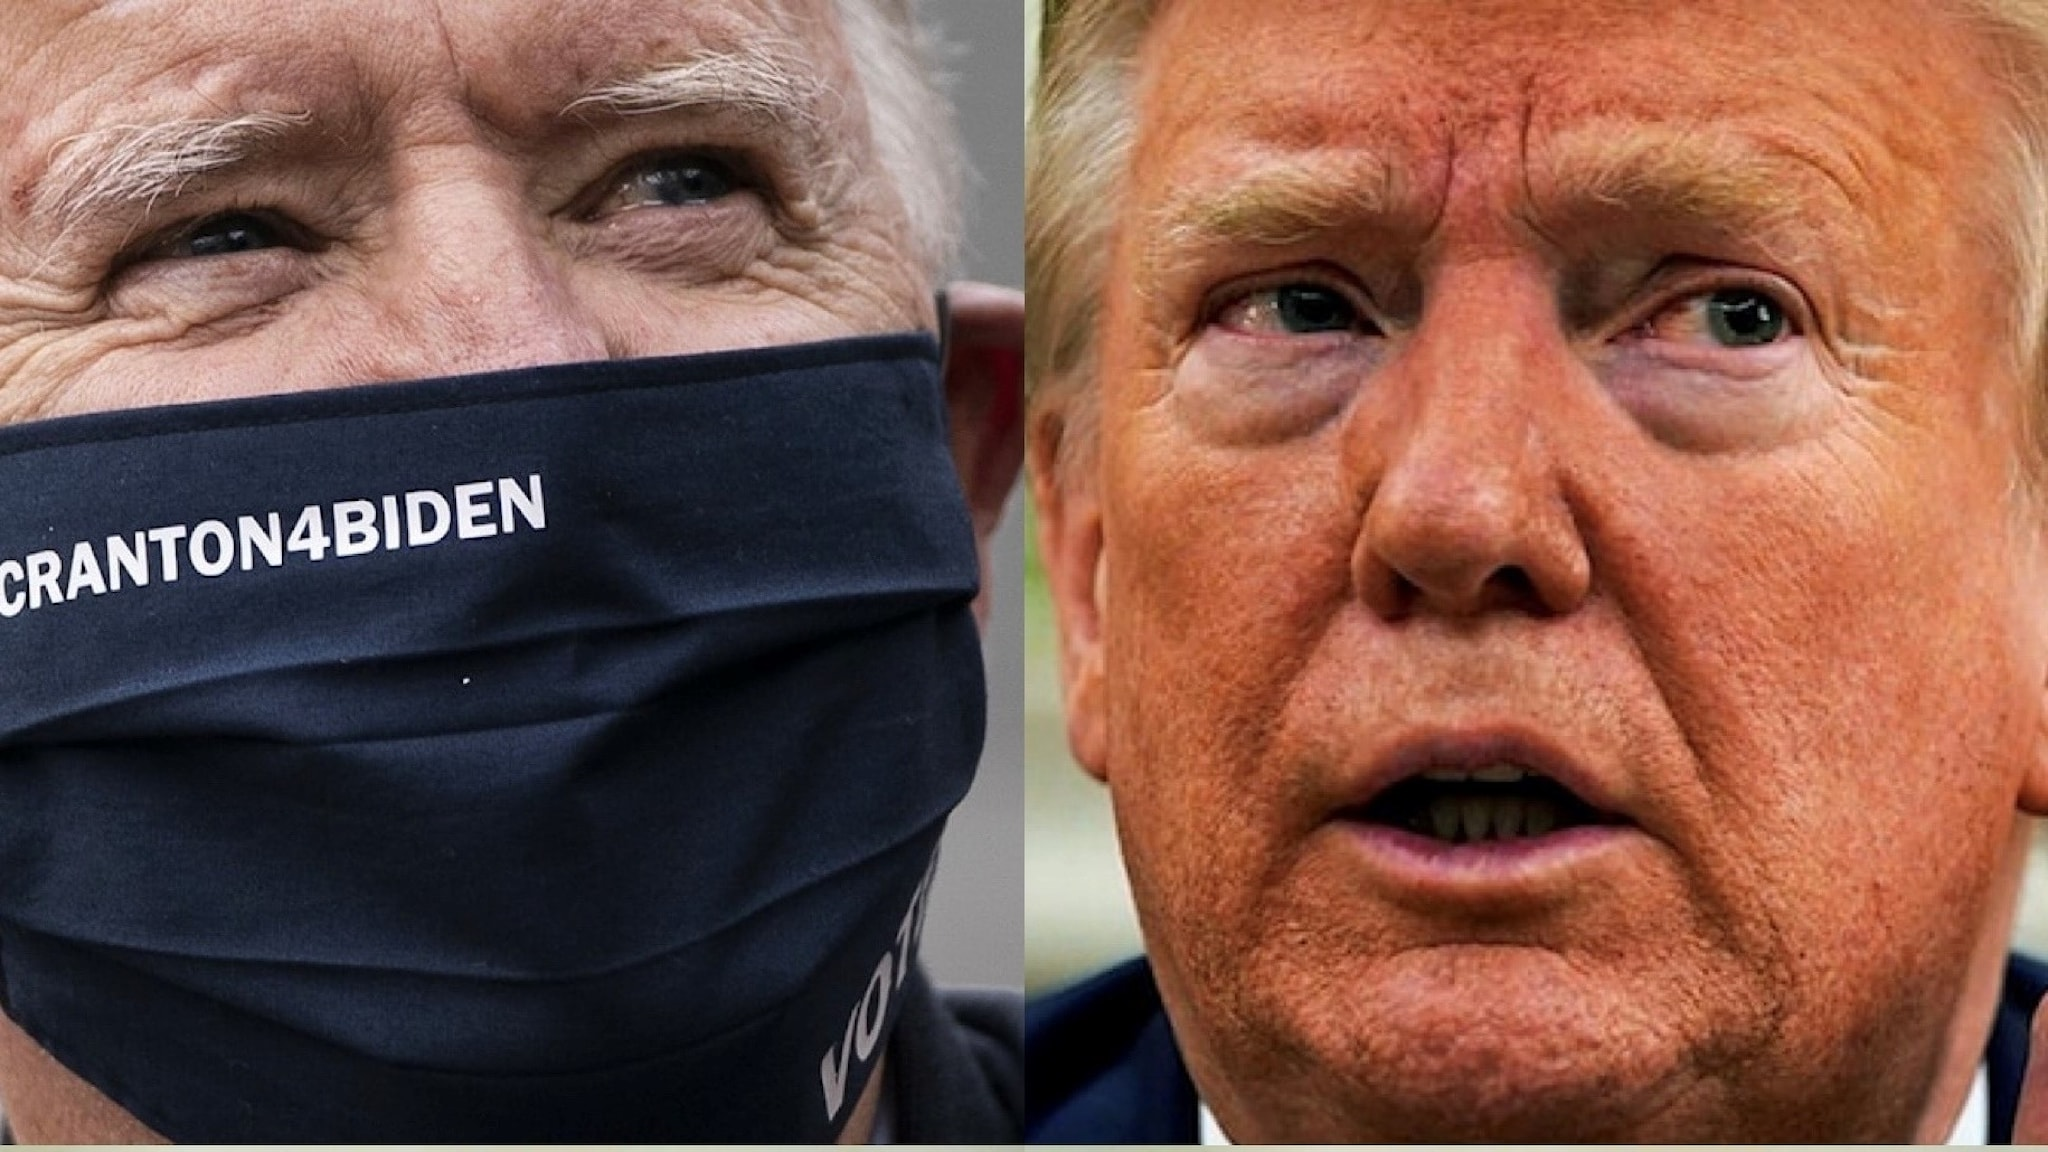 Joe Biden med munskydd och Donald Trump utan